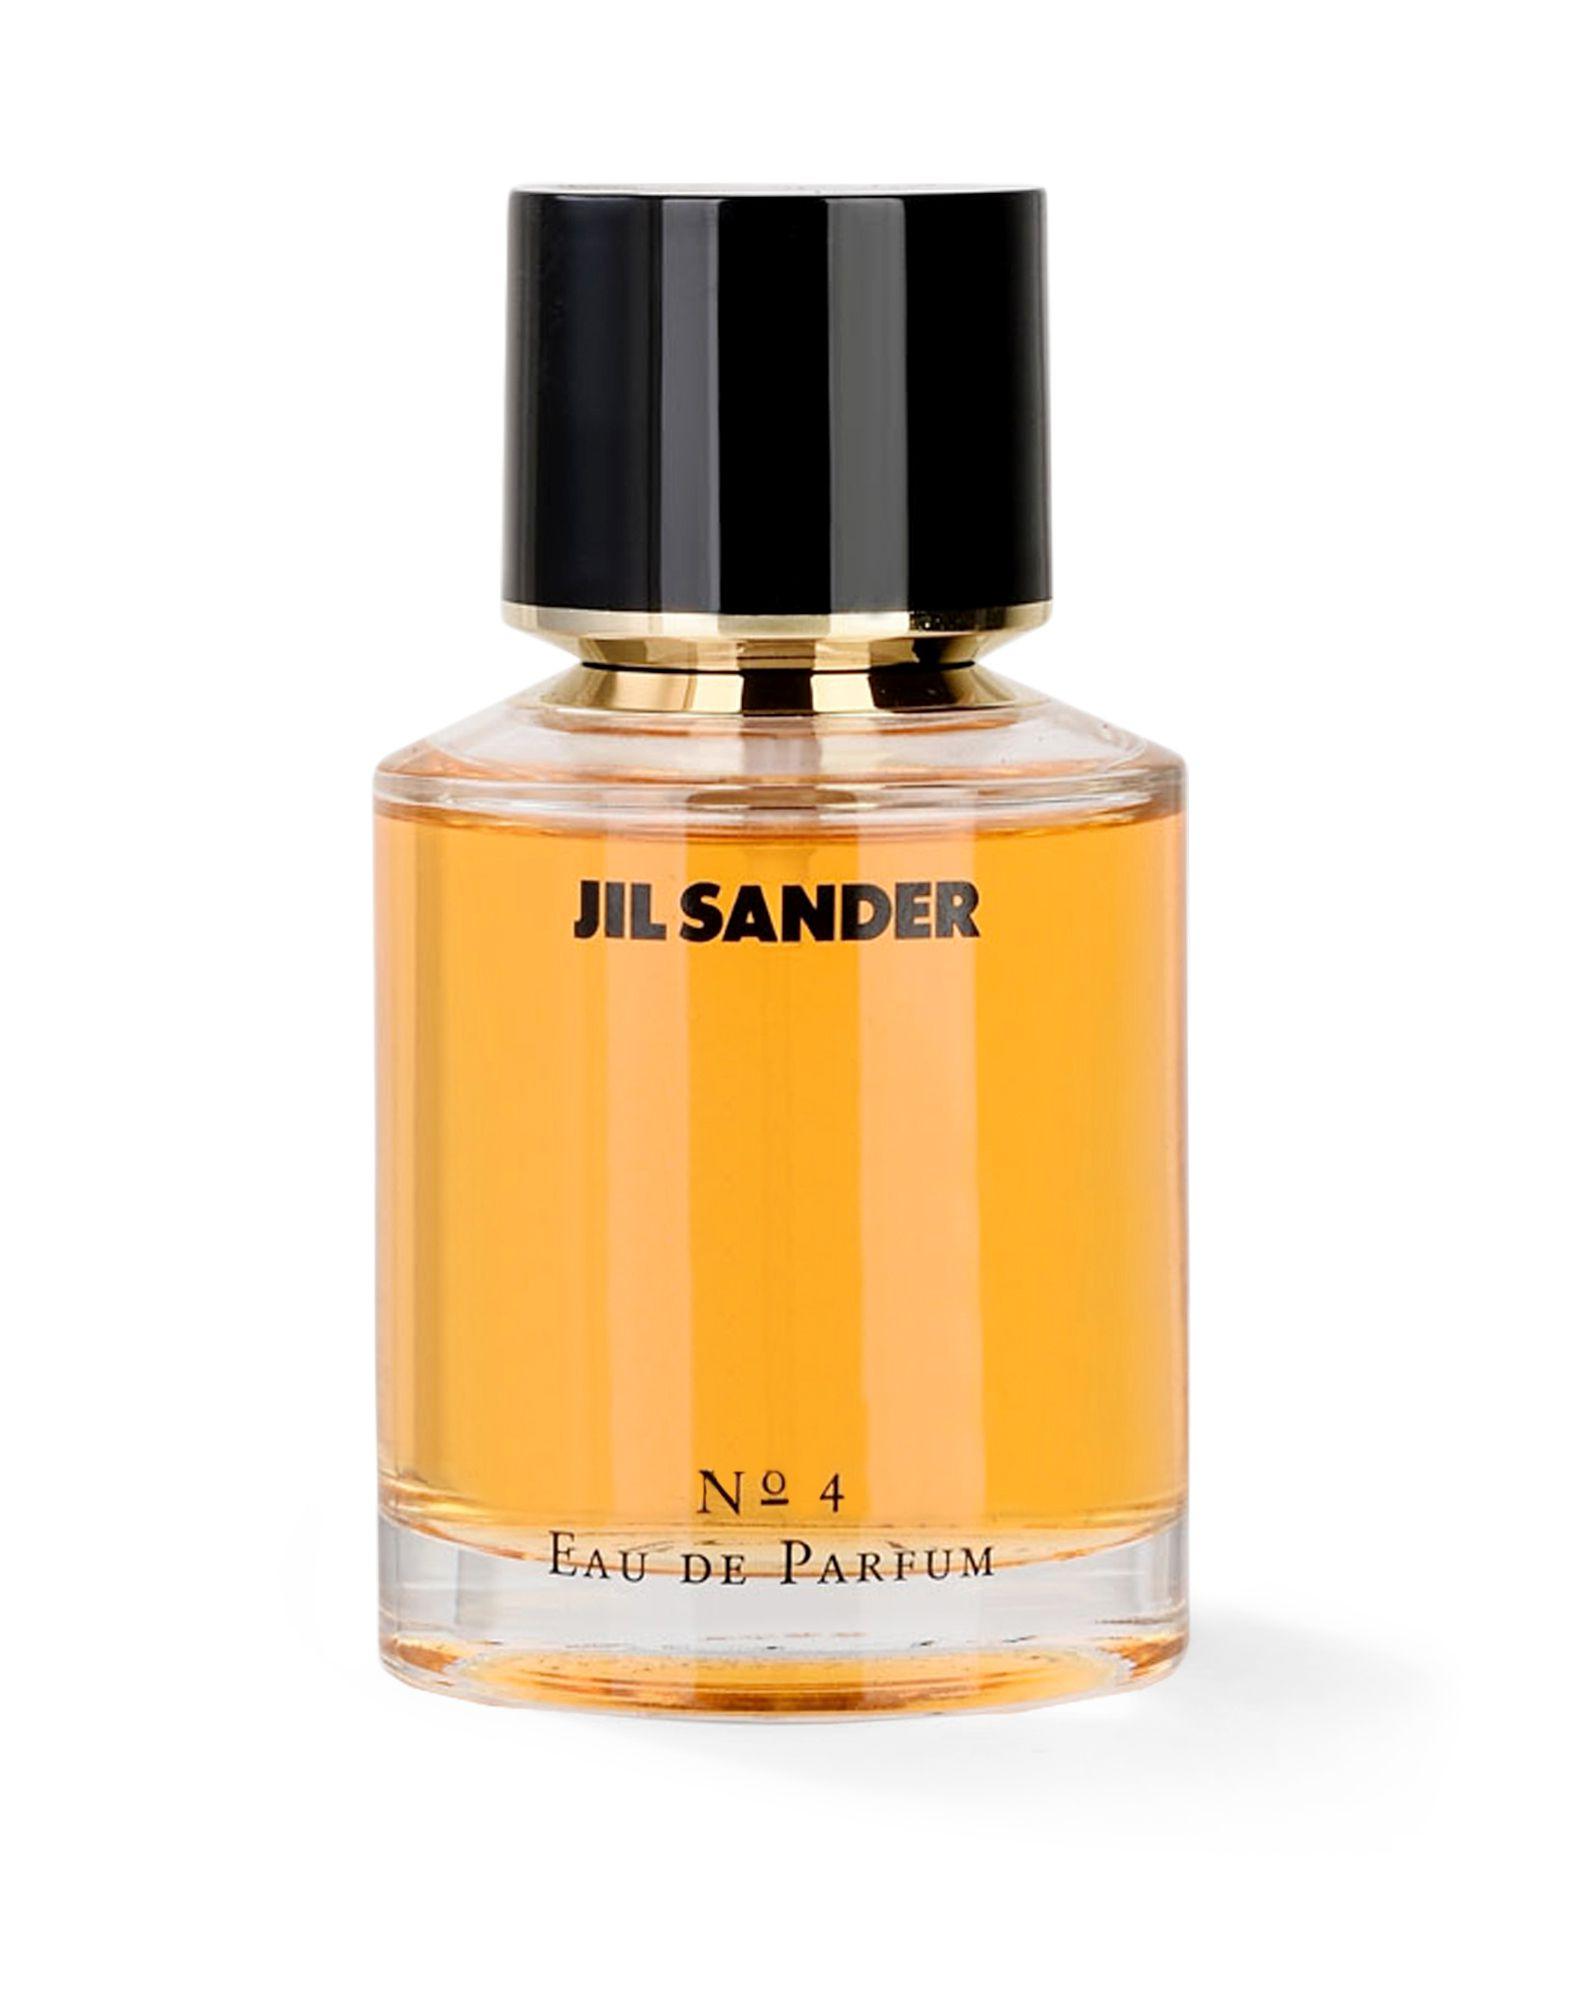 JIL SANDER N°4 - JIL SANDER Online Store